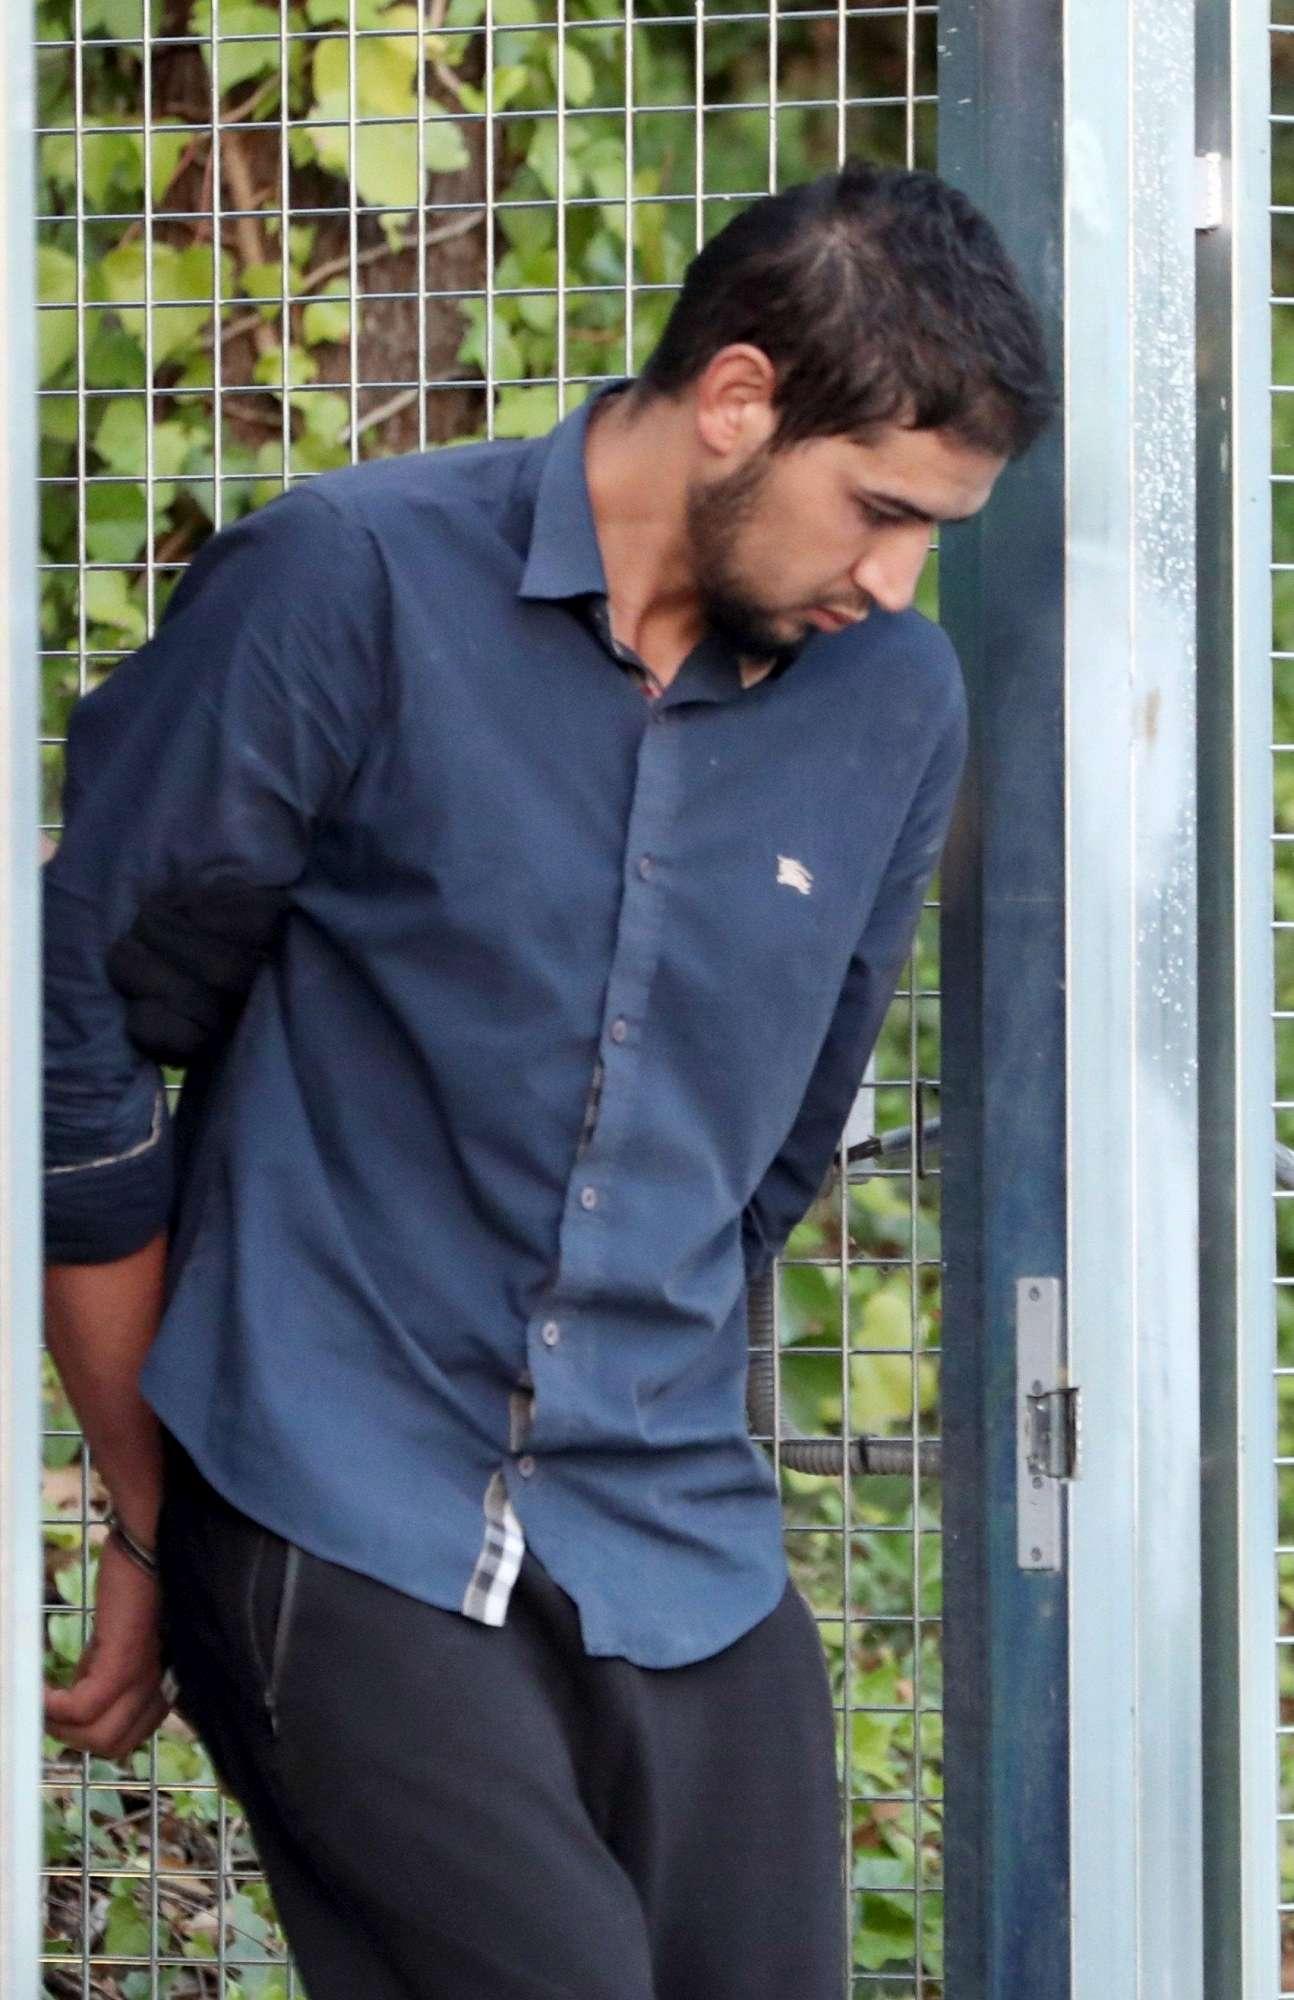 Davanti al giudice i quattro presunti terroristi arrestati per gli attentati in Spagna